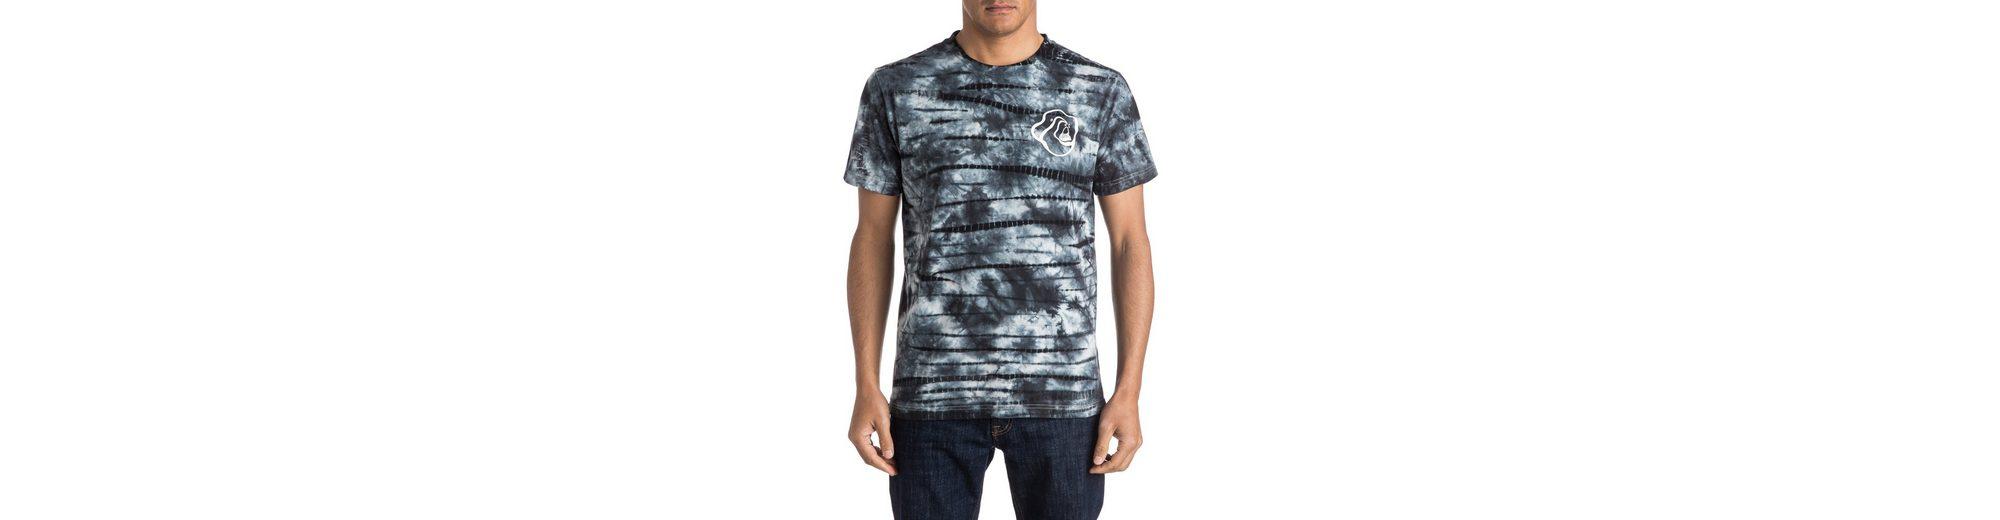 Quiksilver T-Shirt AM Good Vibes Für Schön Günstig Kaufen Footlocker Finish 6TFQHhX